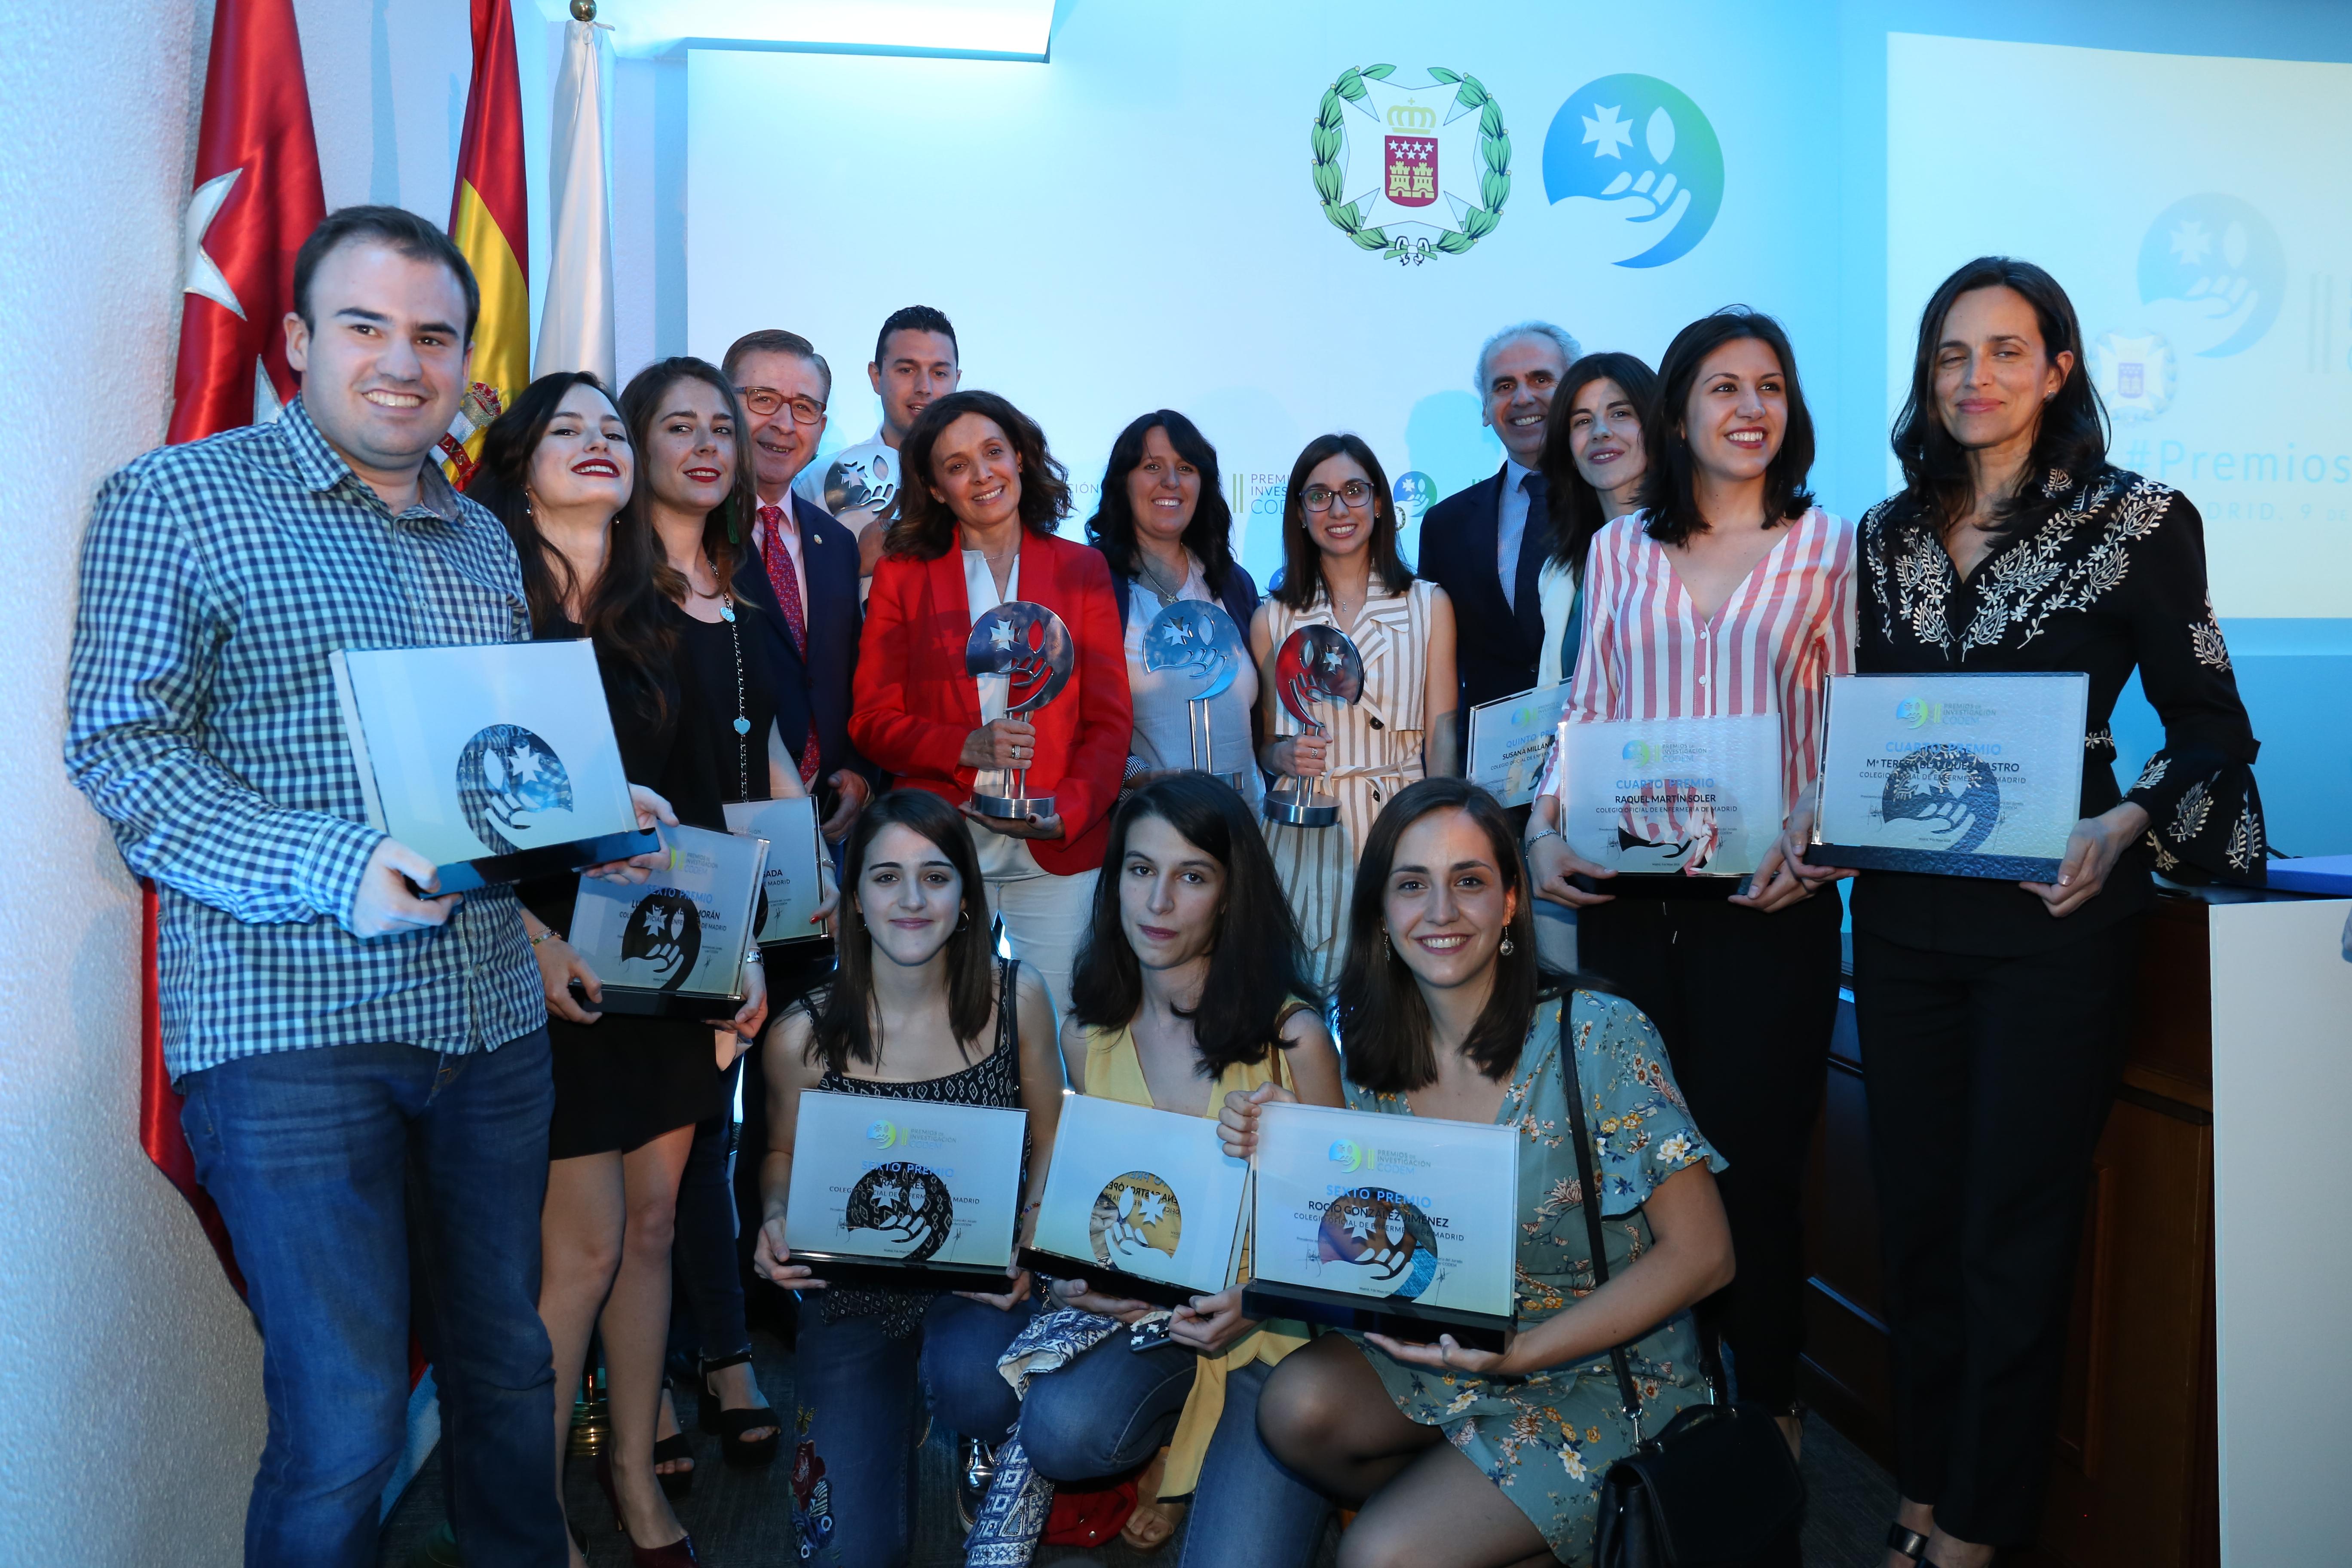 Los premios del Codem reconocen a siete investigaciones madrileñas